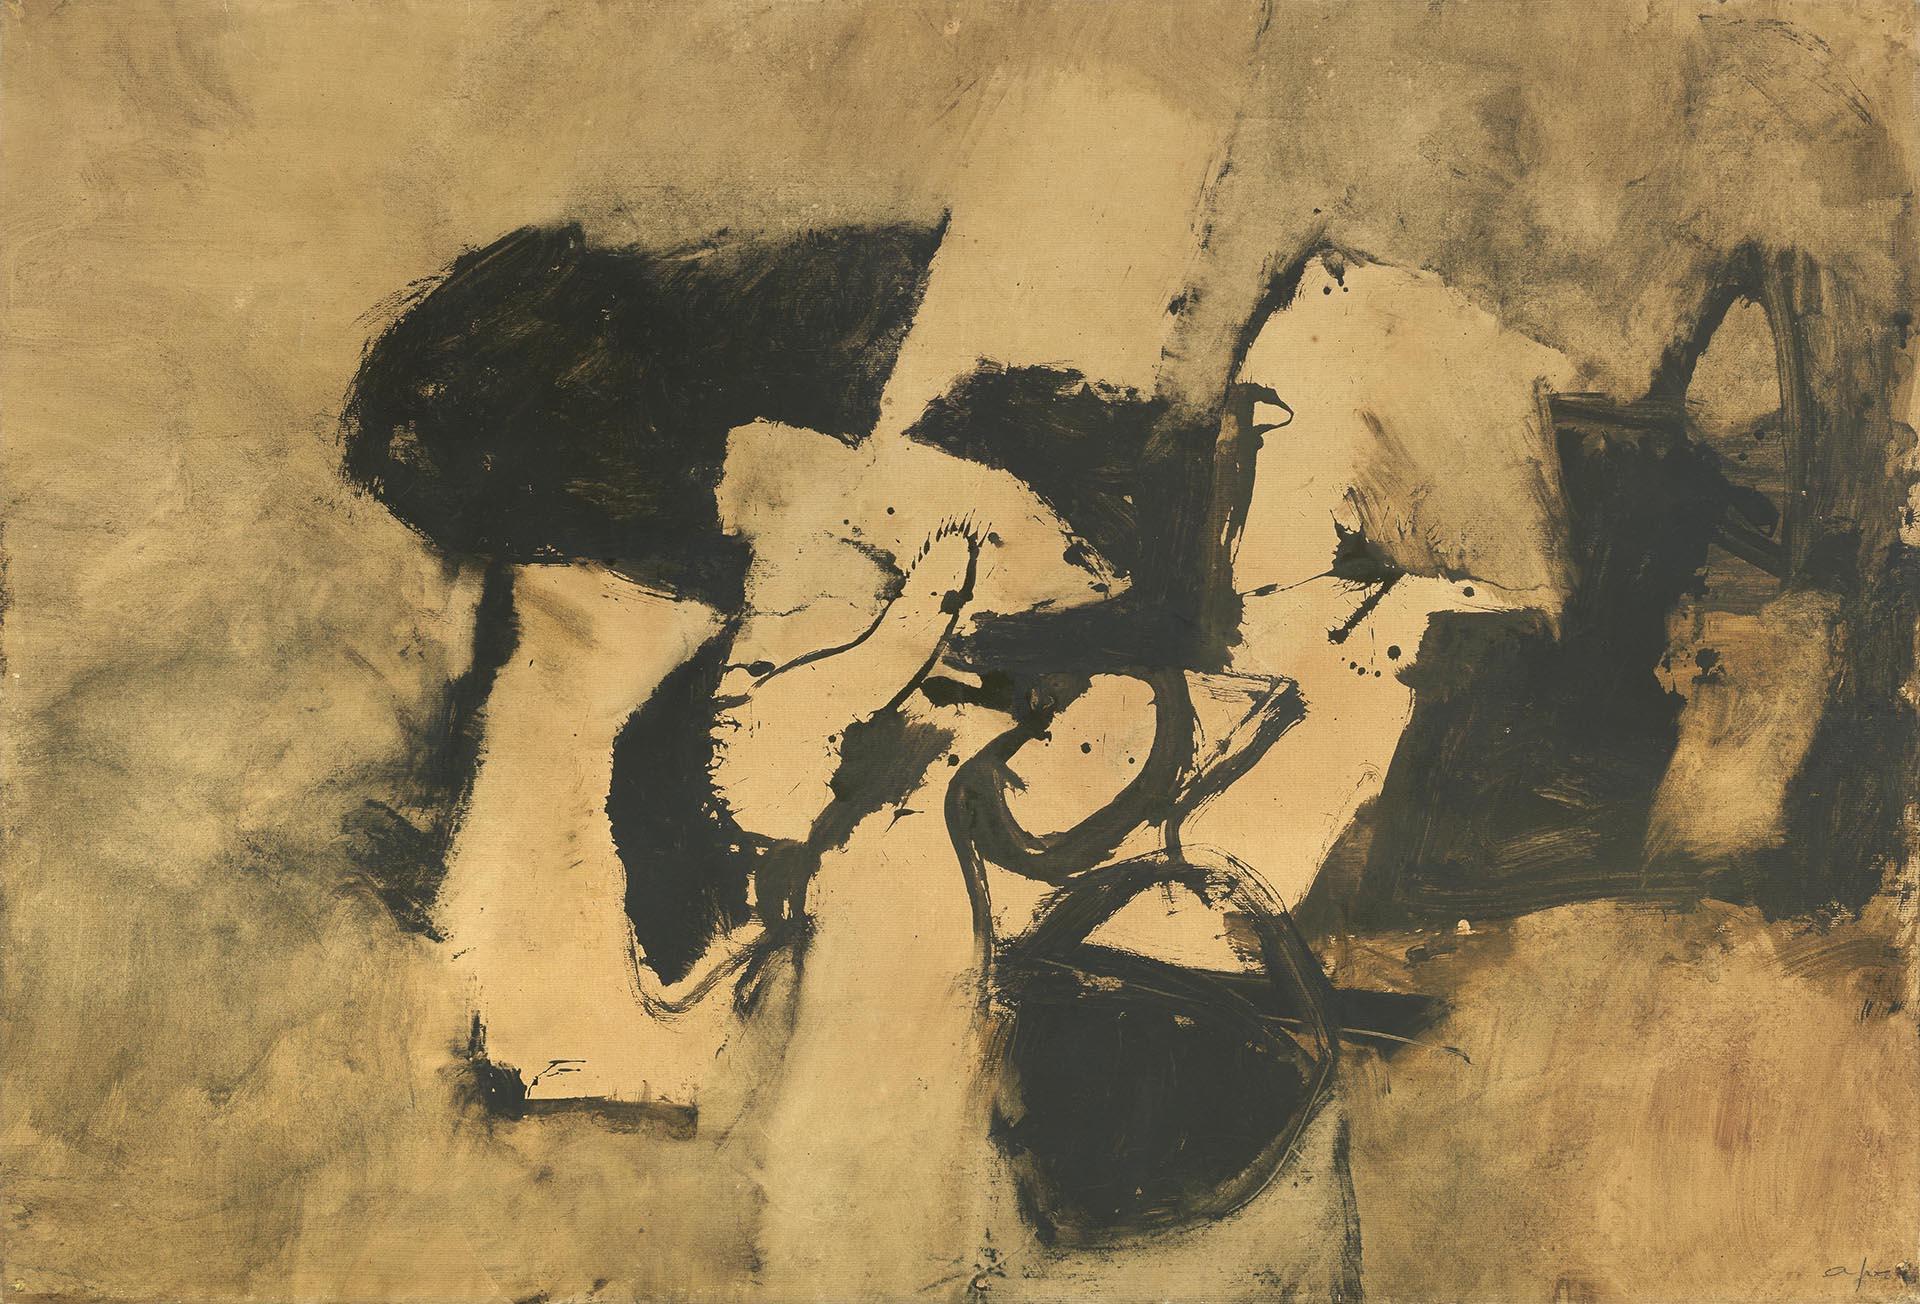 Afro, Carta bruna n°2, 1966, 102x150 cm